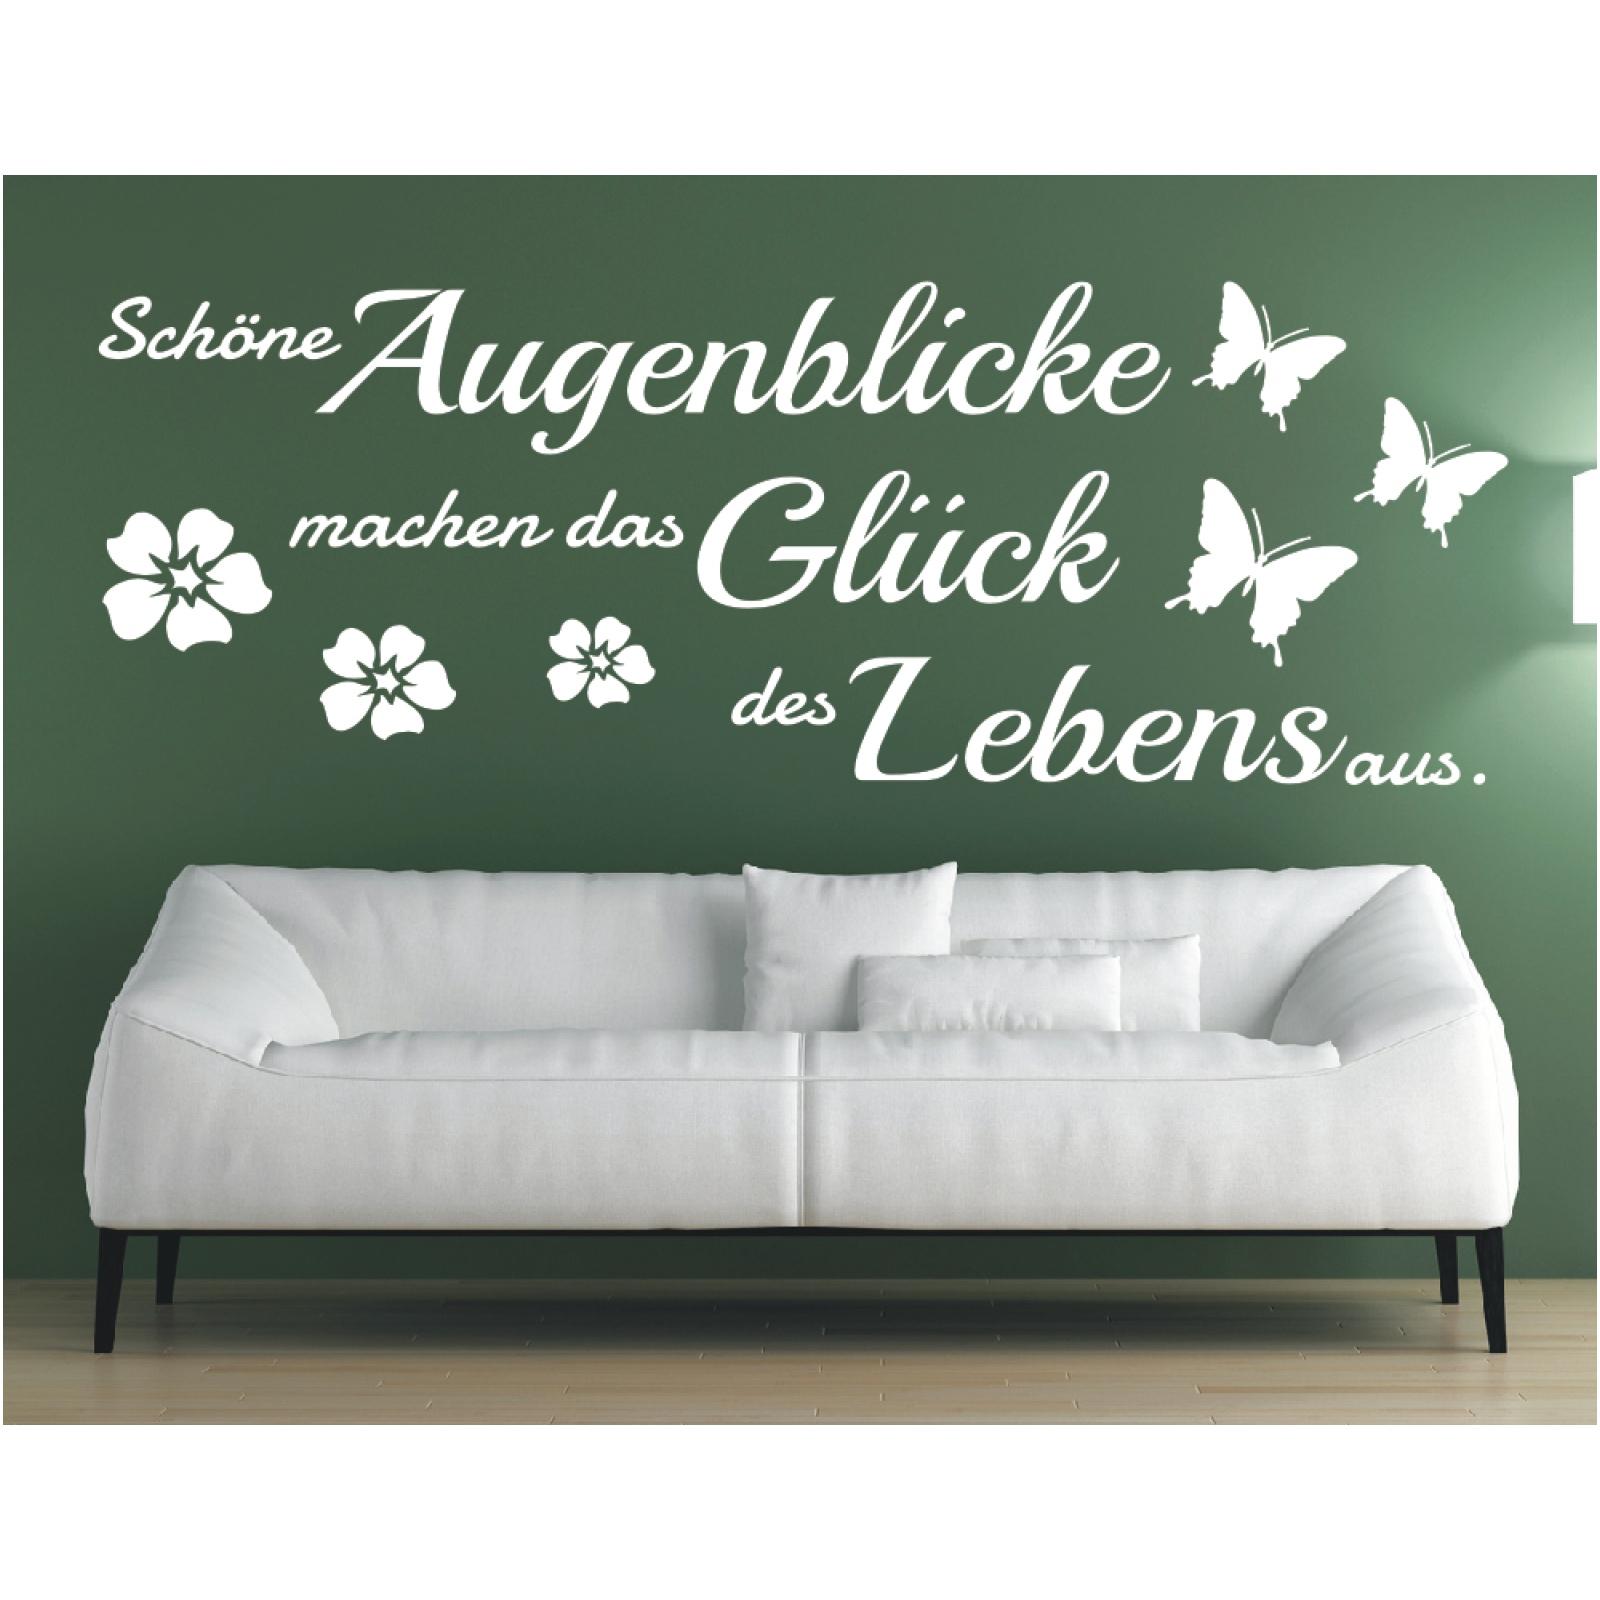 Erstaunlich Schöne Wandtattoos Beste Wahl Das Bild Wird Geladen Wandtattoo -spruch-schoene-augenblicke-das-glueck-leben-wandaufkleber-